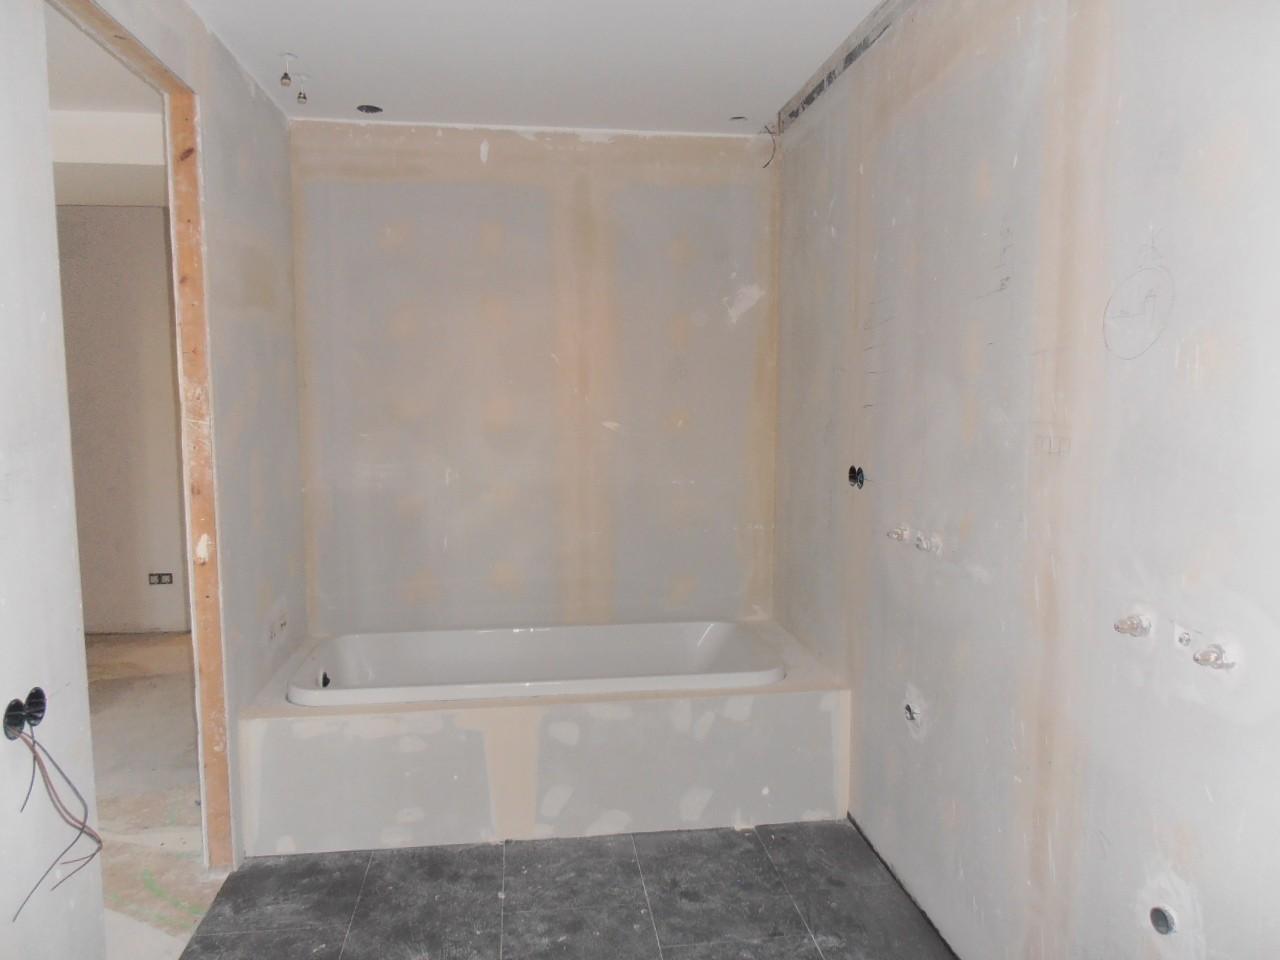 Tadelakt Pac plein pour Spécial pour les murs de la plaque.